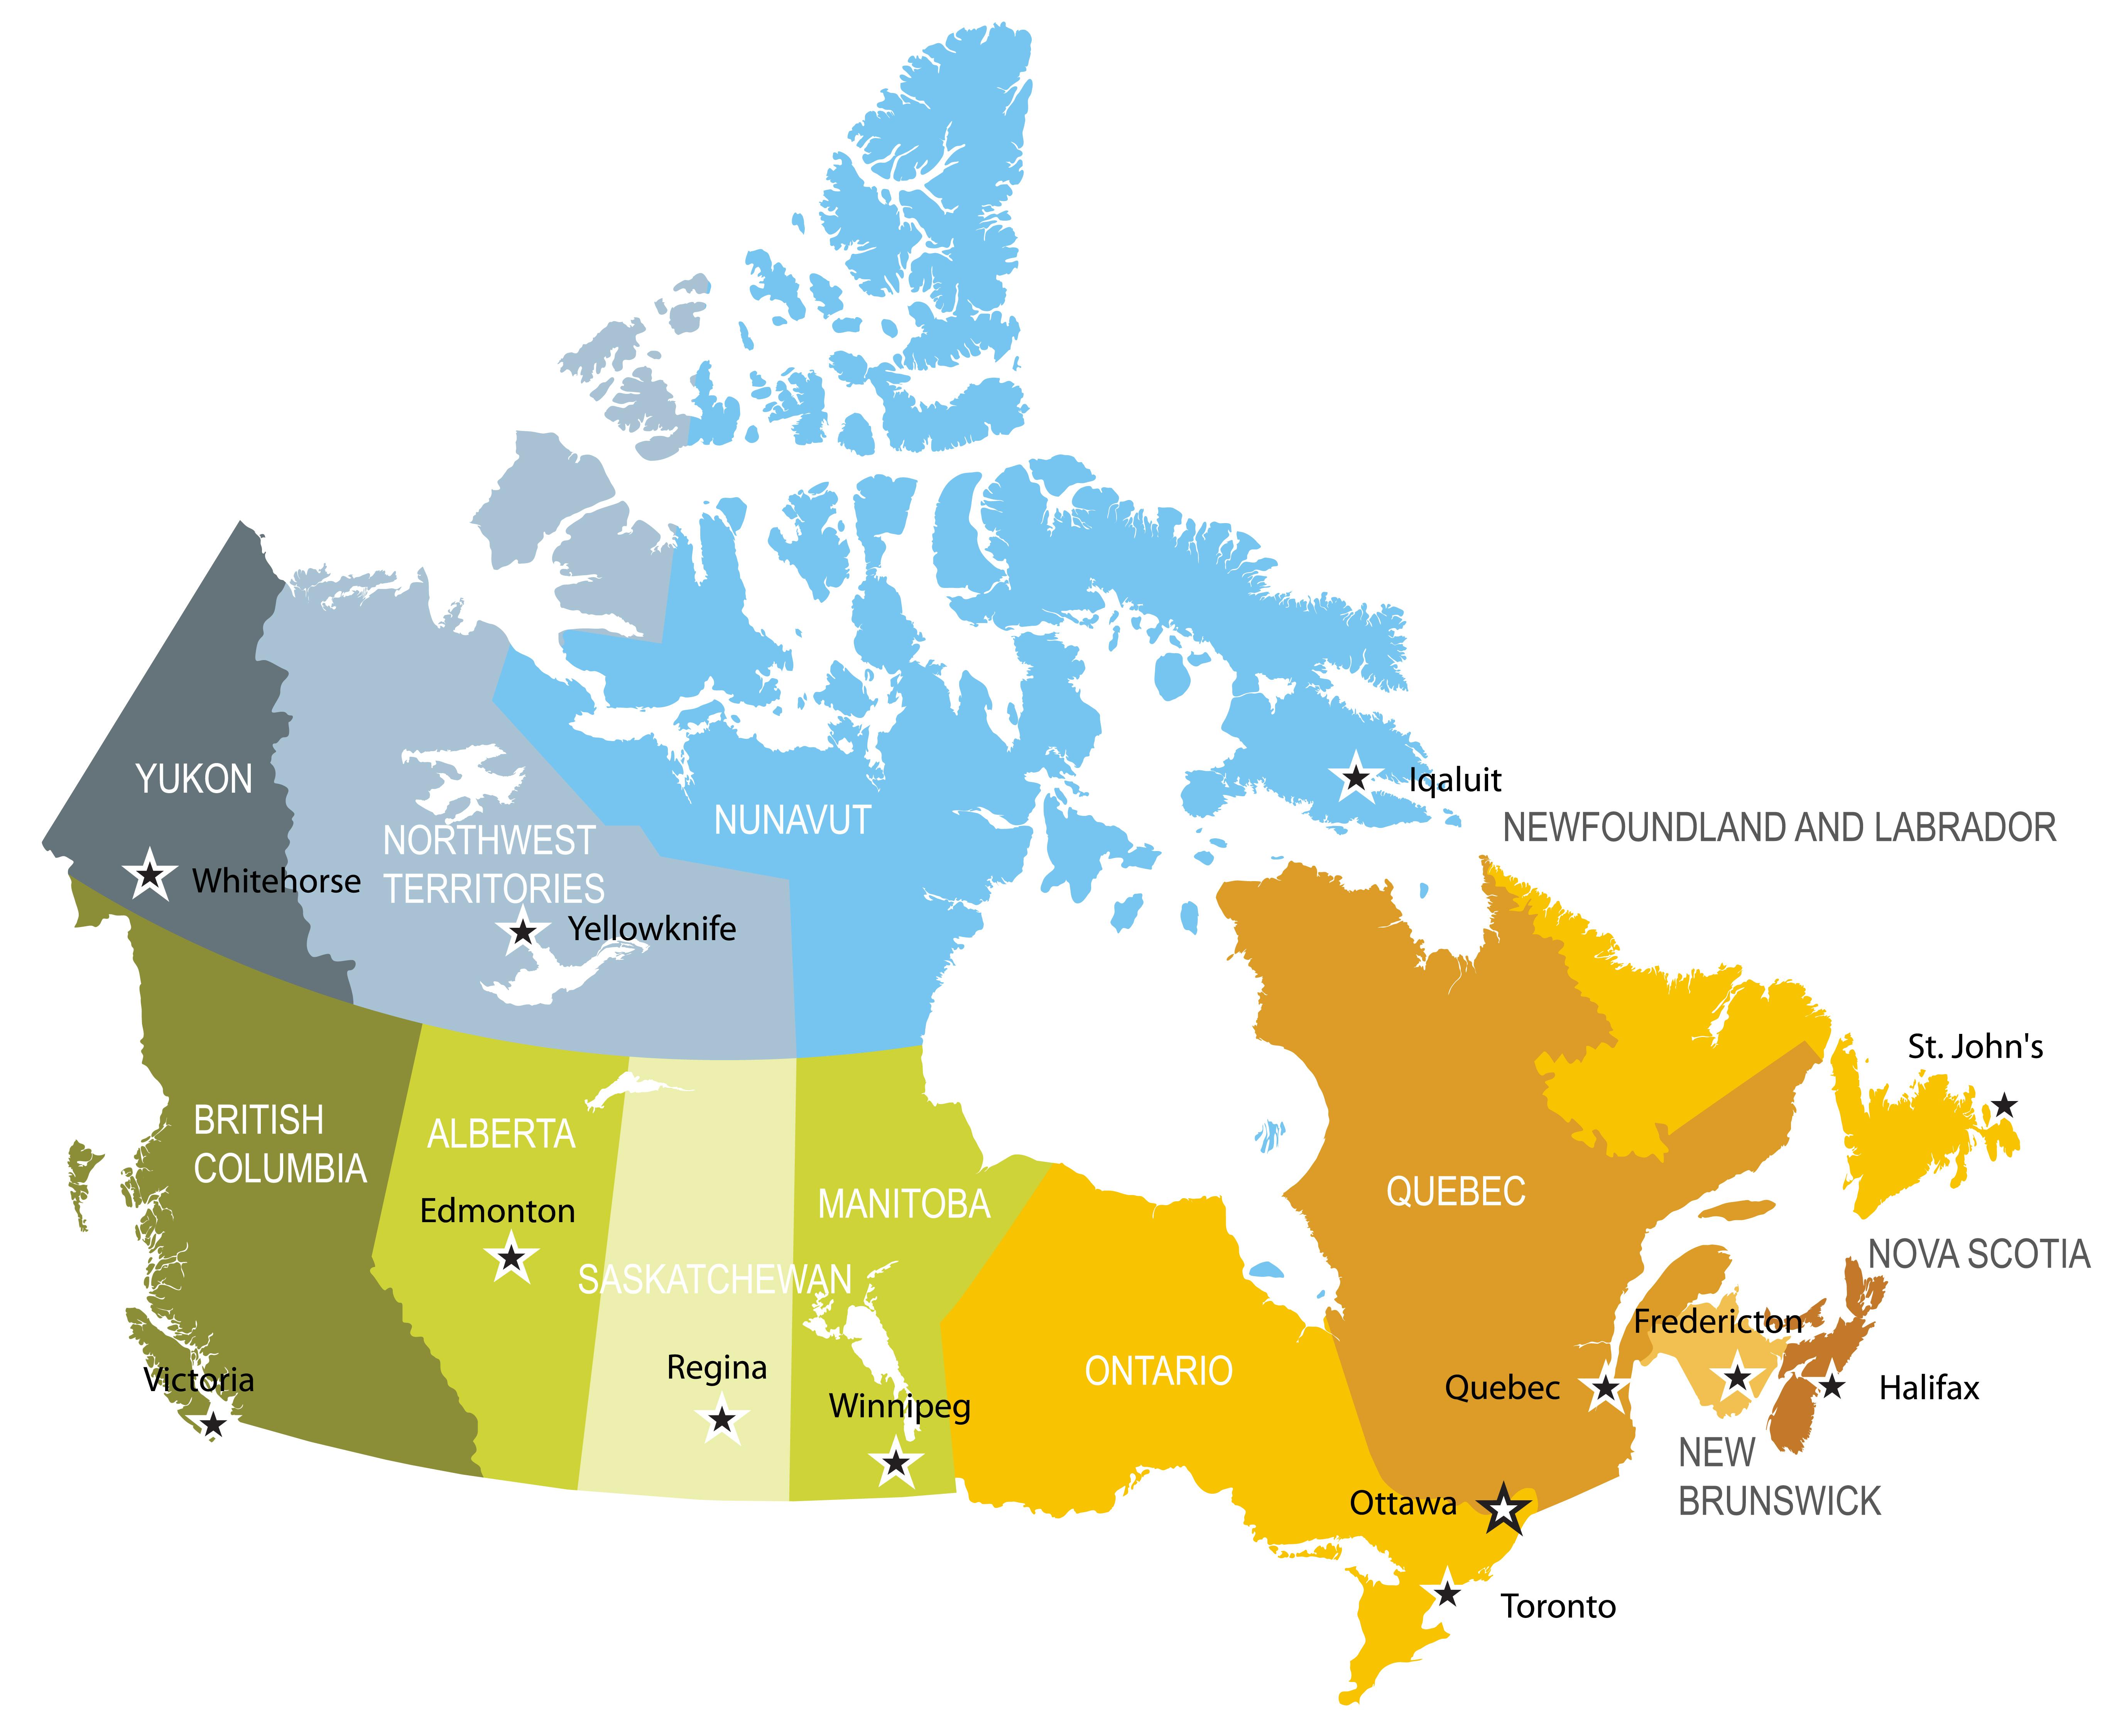 LAVORO IN CANADA MAPPA